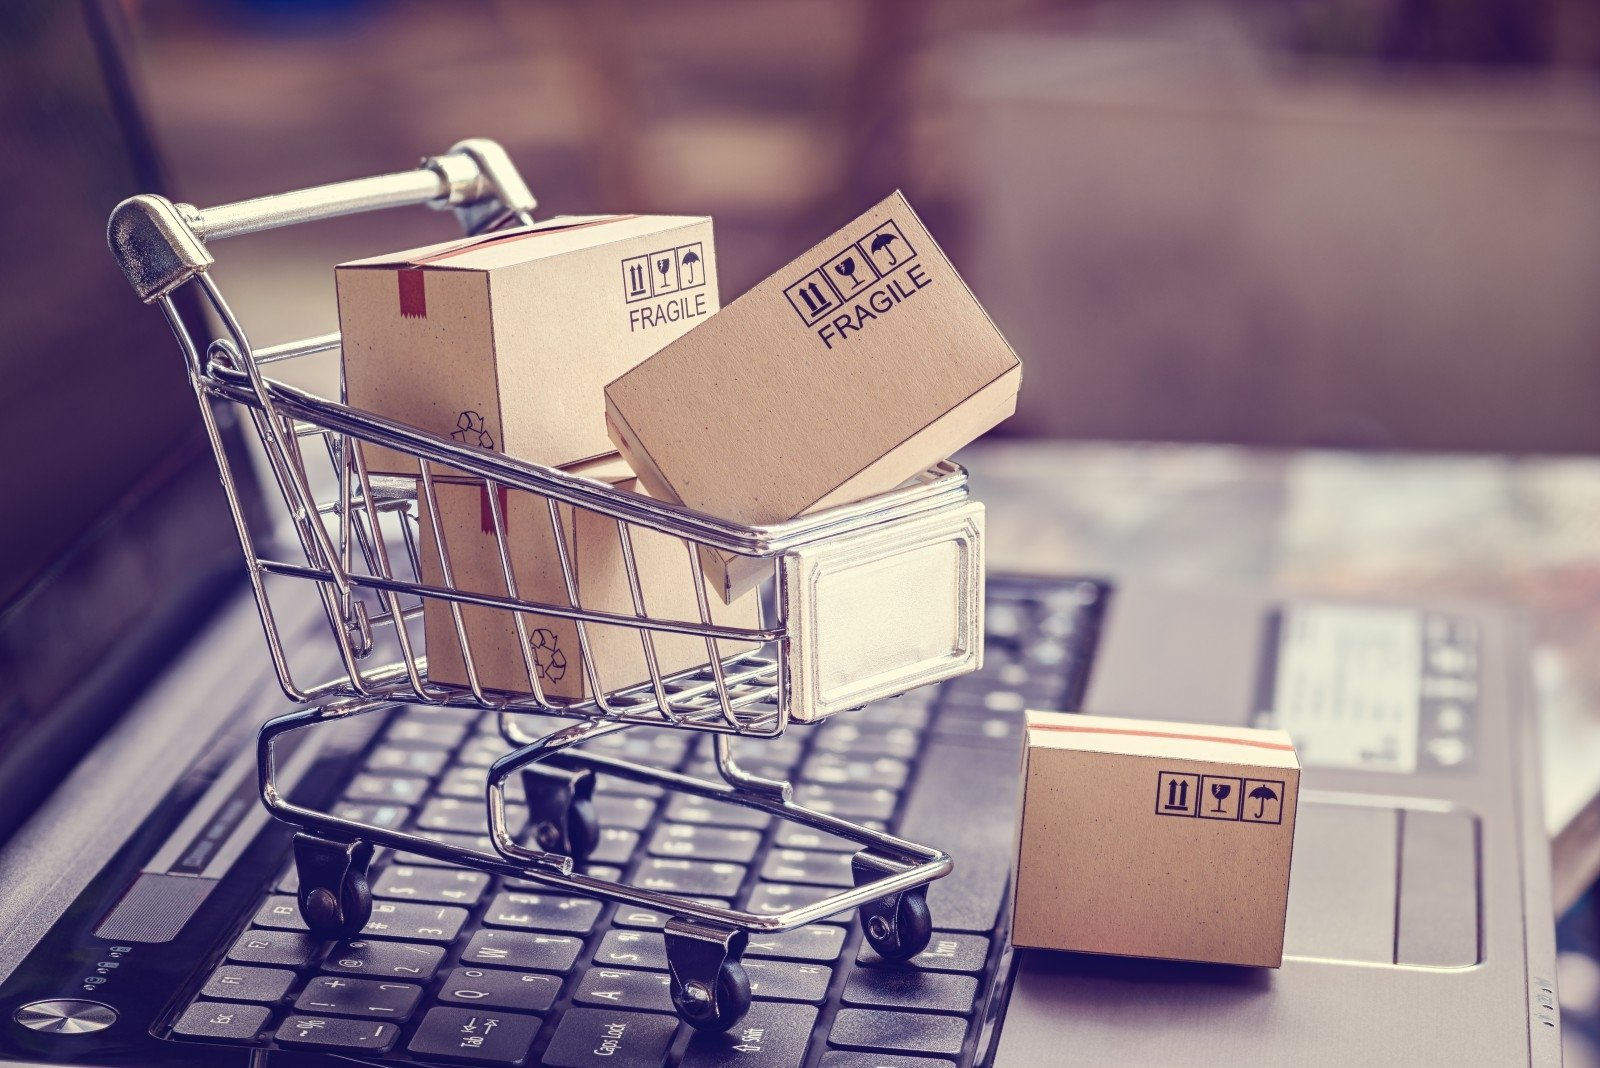 Vebinaras: E-komercijos eksportas praktiškai - Akademija - Verslo žinios